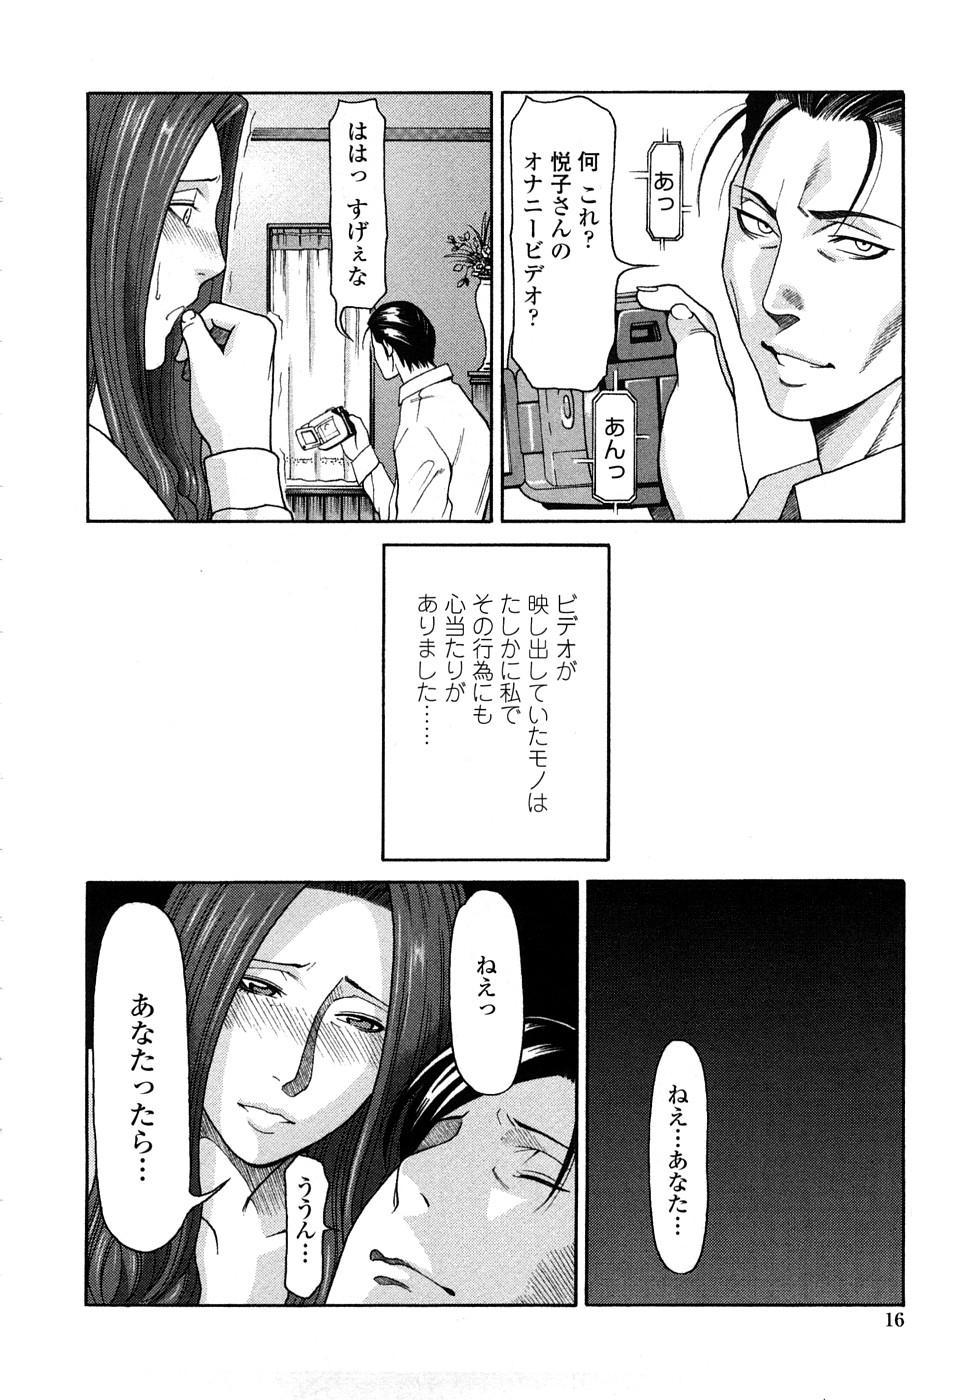 Etsuraku no Tobira - The Door of Sexual Pleasure 14